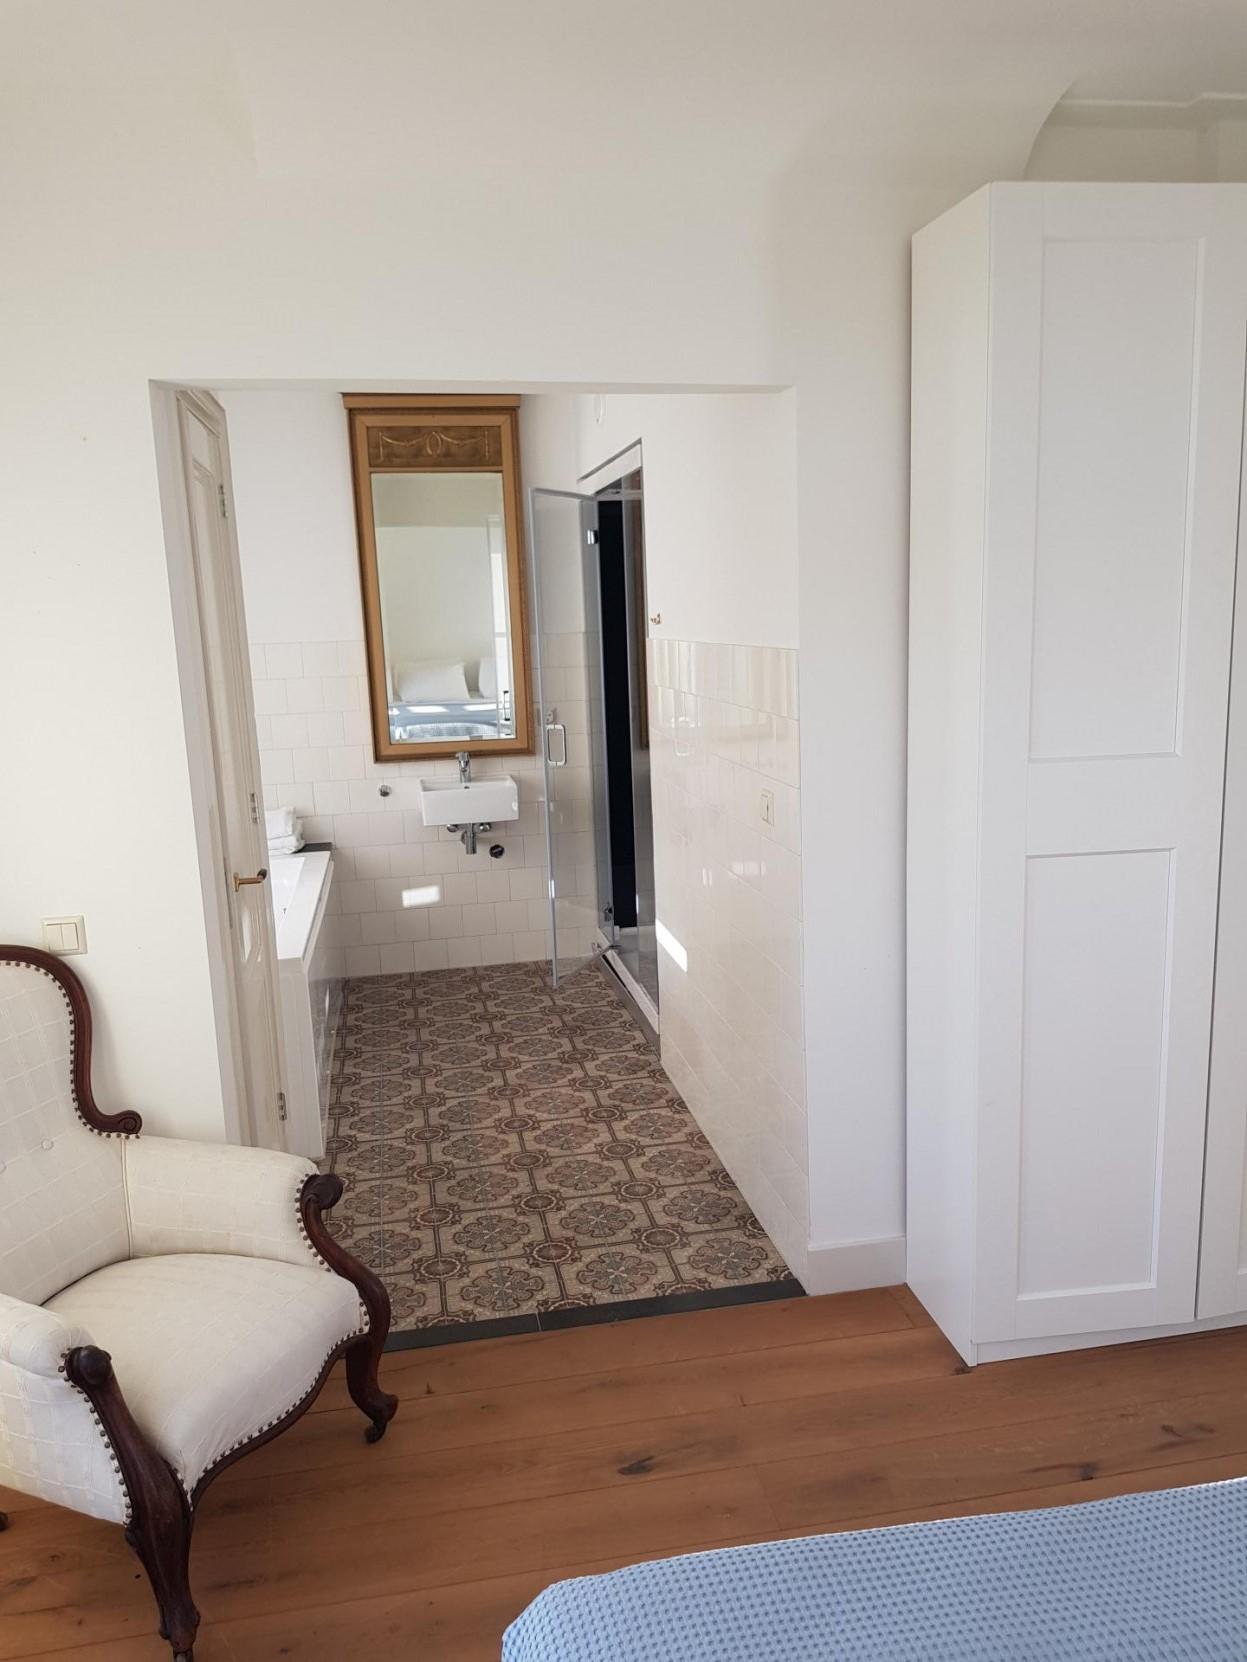 Bathroom layout at 21 Haarlemmerplein Apartments, Amsterdam